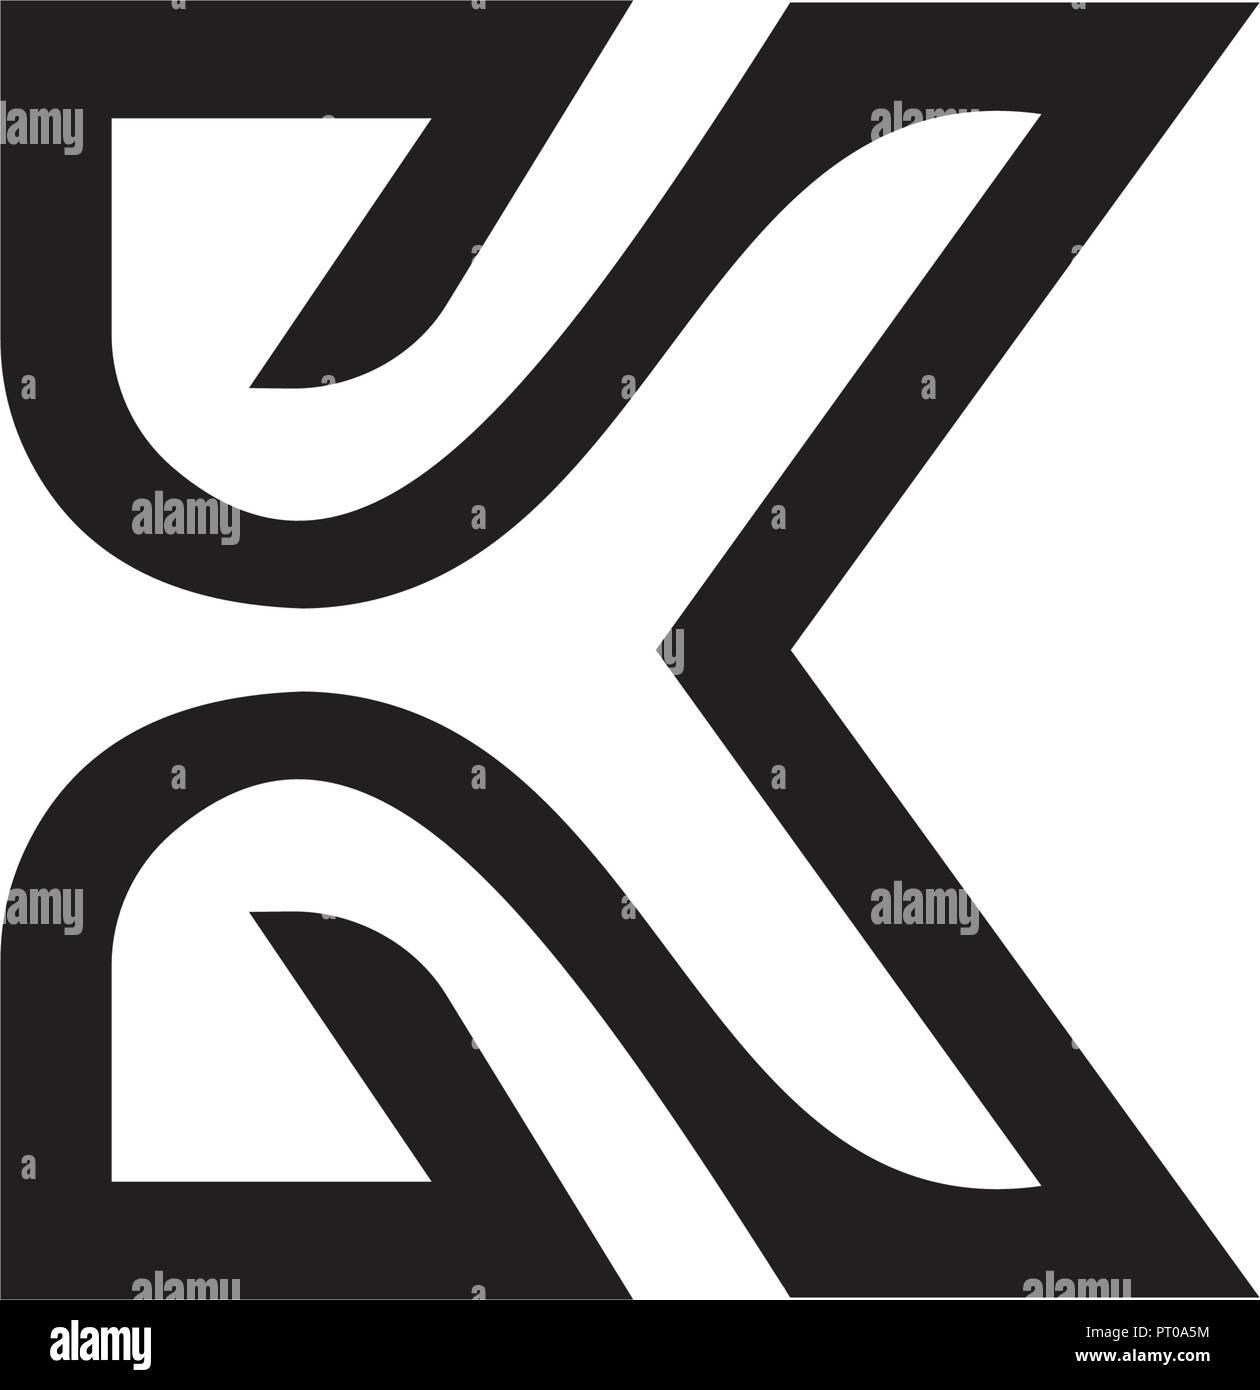 letter k logo design concept template stock vector art